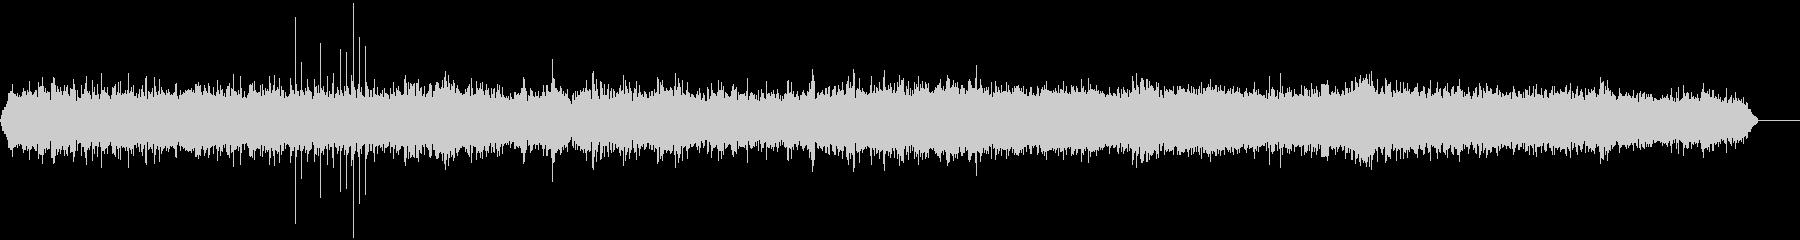 マドリードラジオスキャンの未再生の波形